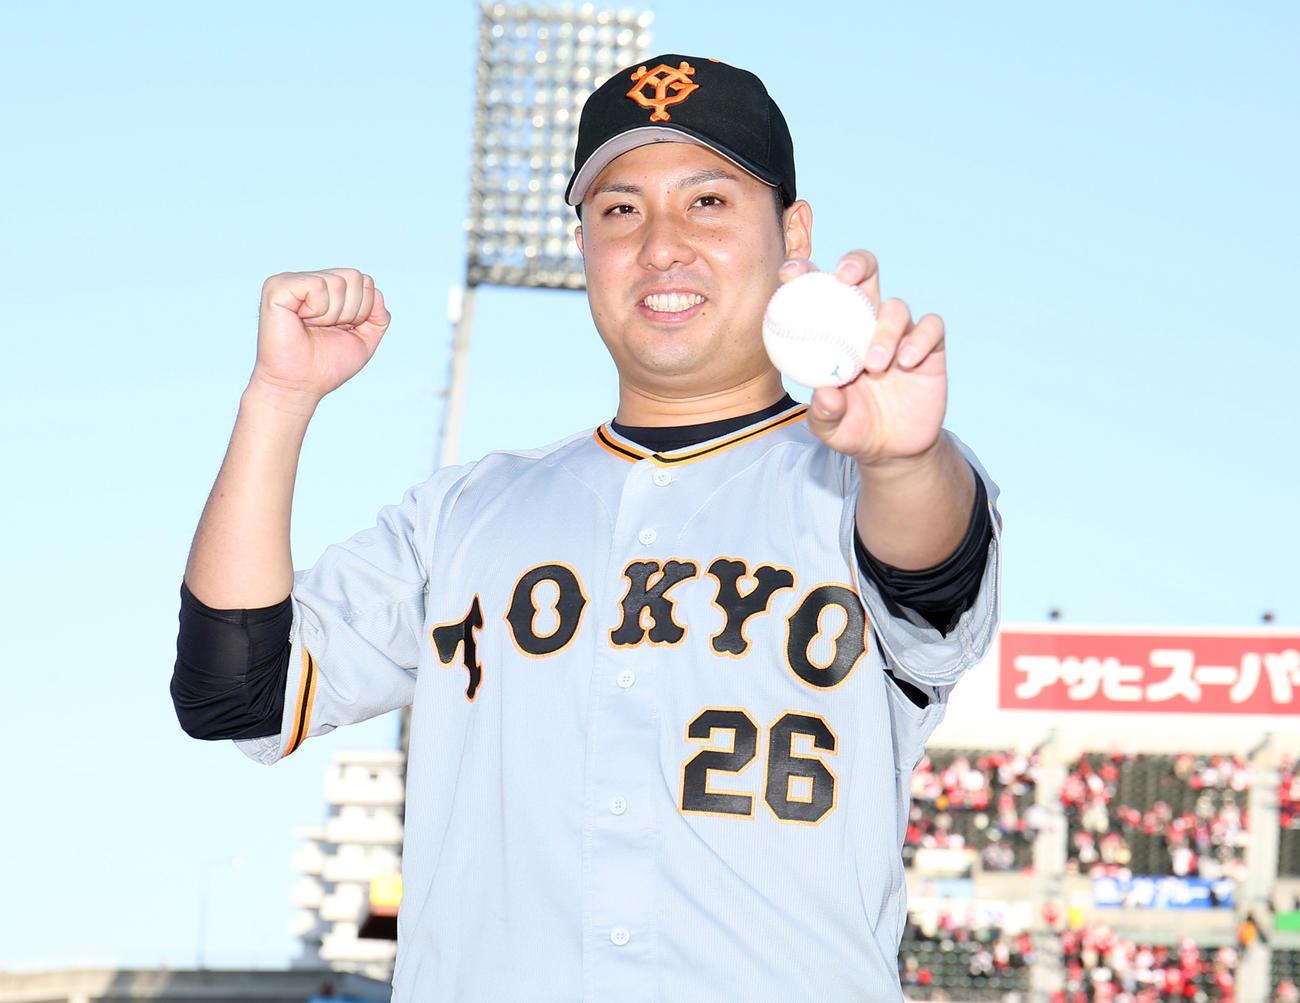 ヒーローインタビュー後、ウイニングボールを手にポーズを決める今村(撮影・狩俣裕三)